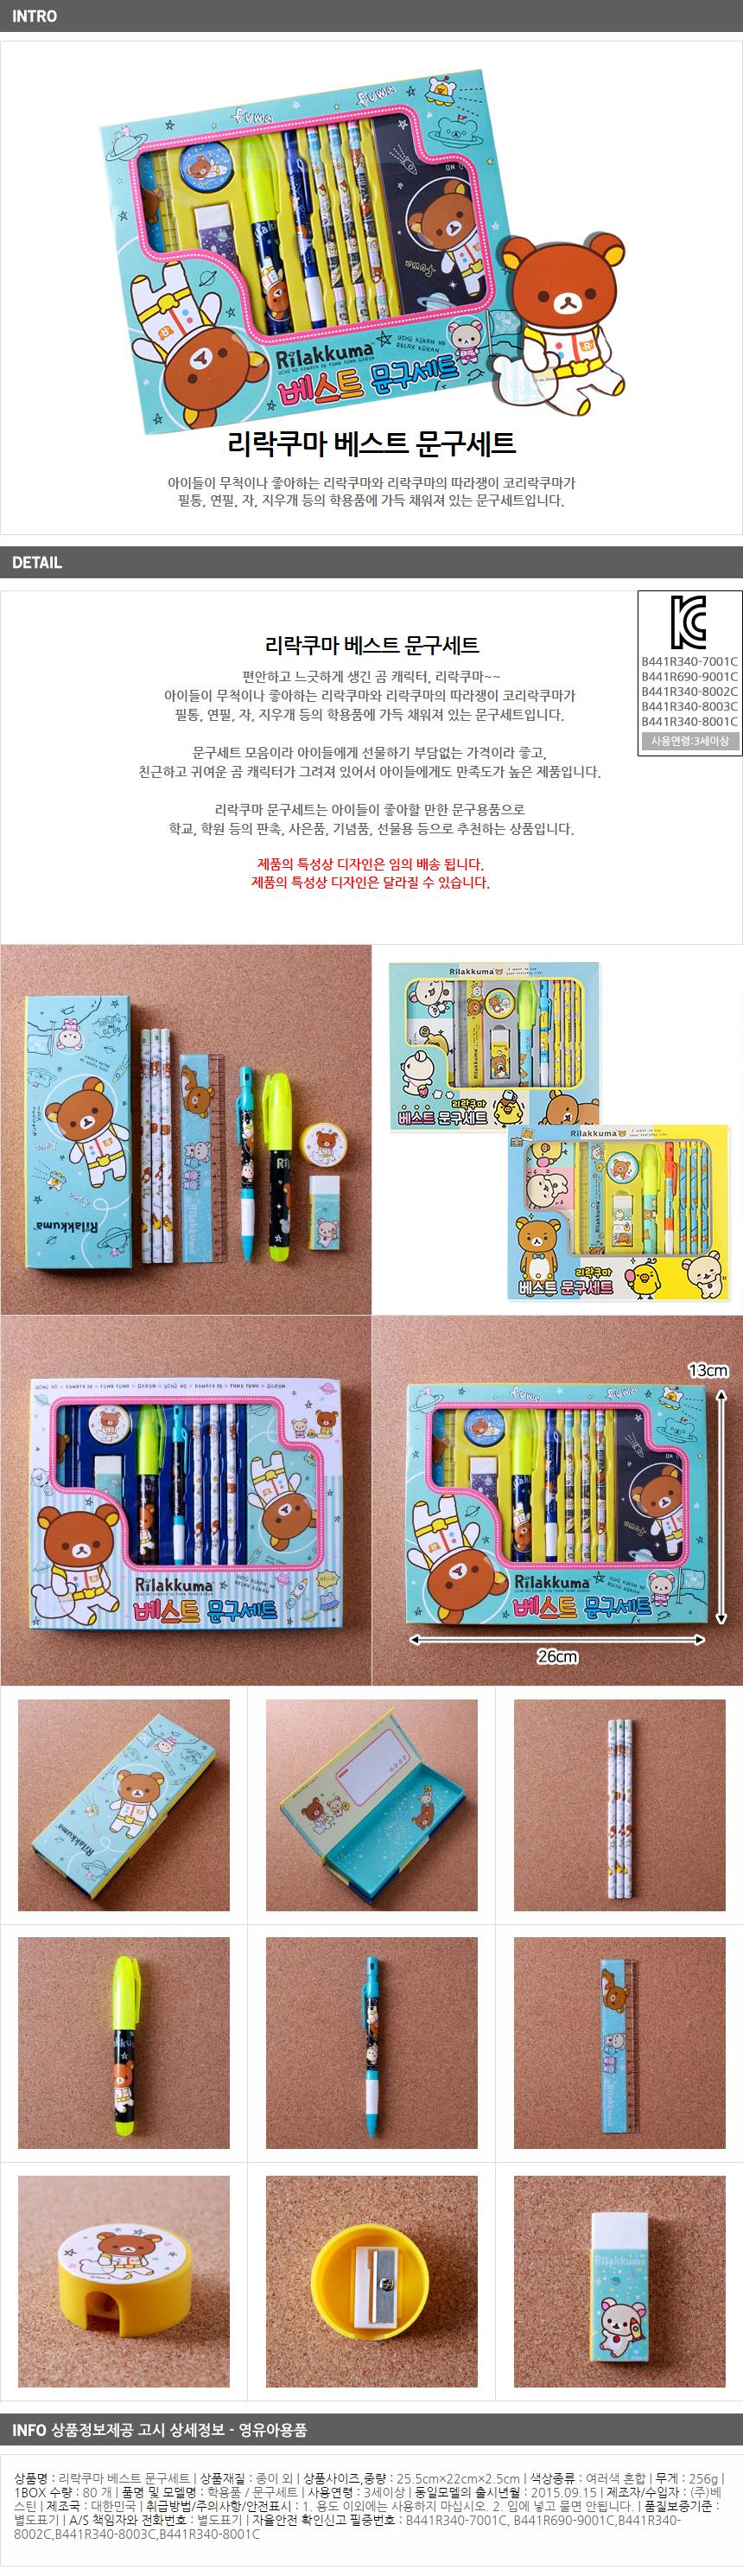 리락쿠마 베스트 문구세트 학용품 - 기프트갓, 4,620원, 문구세트, 어린이문구세트